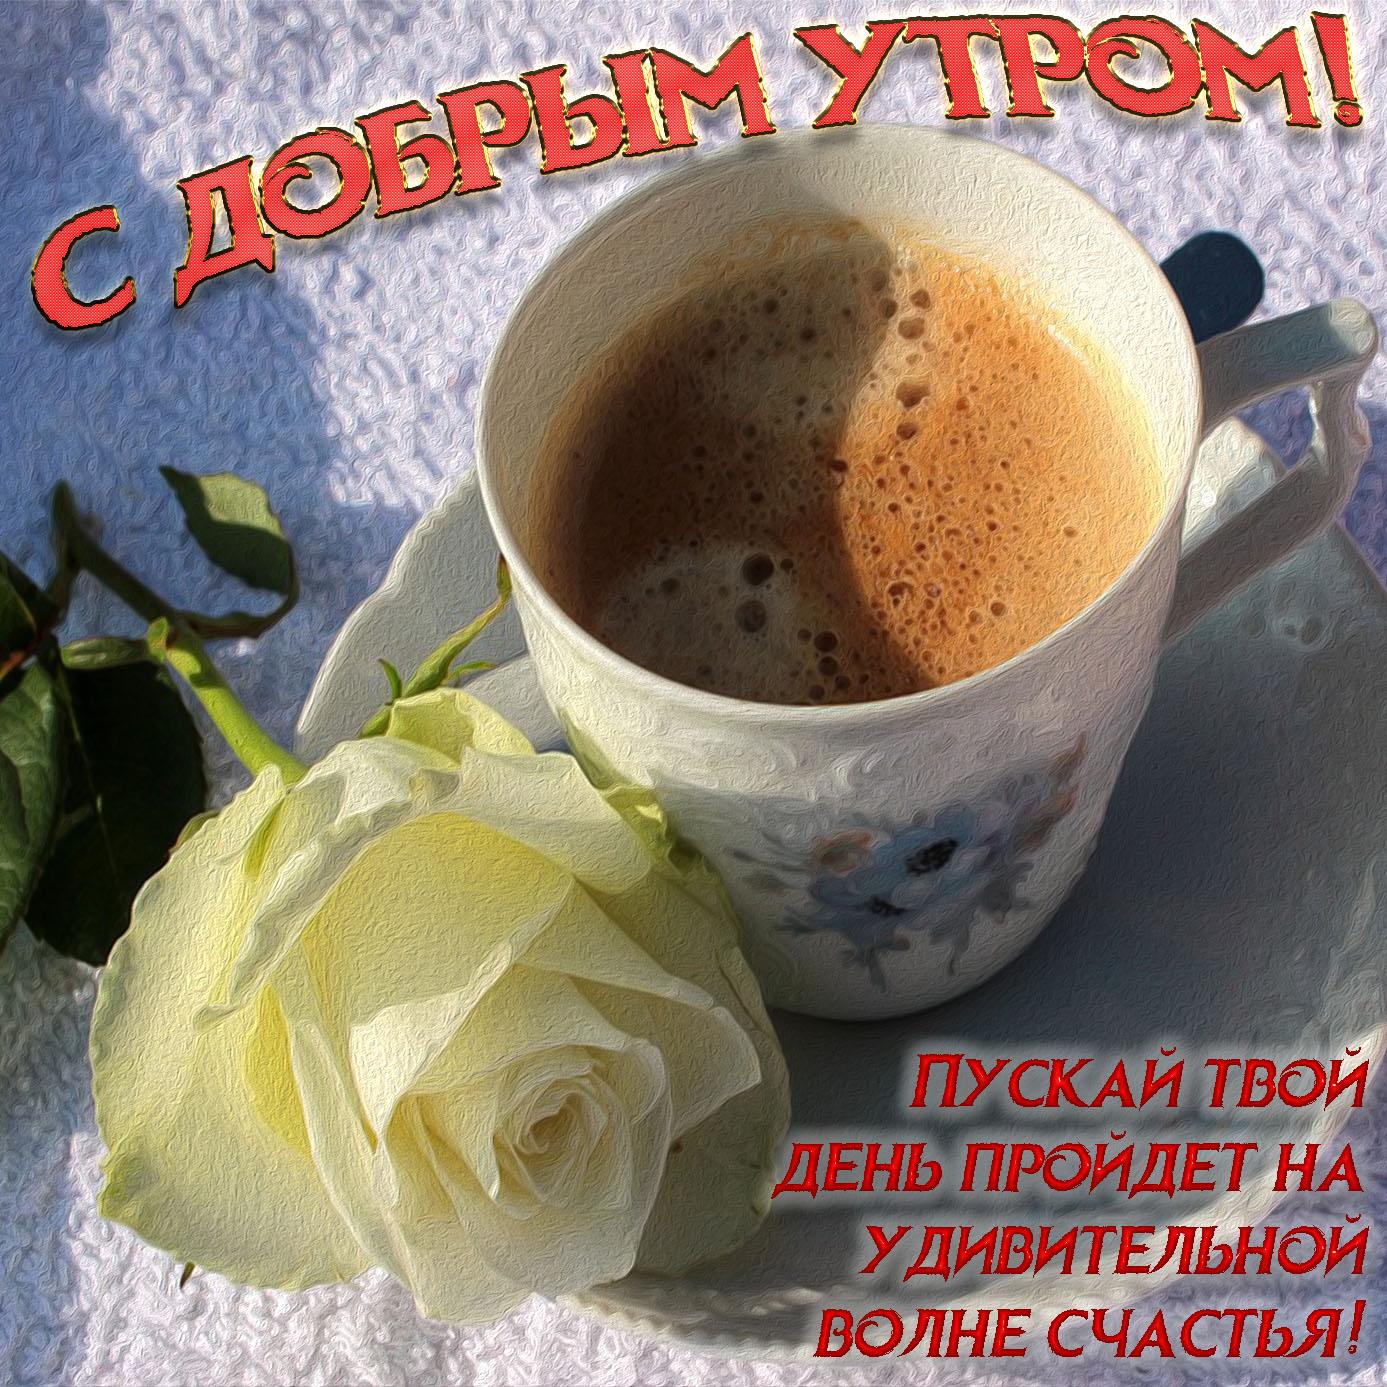 Открытка с белой розой и чашкой кофе